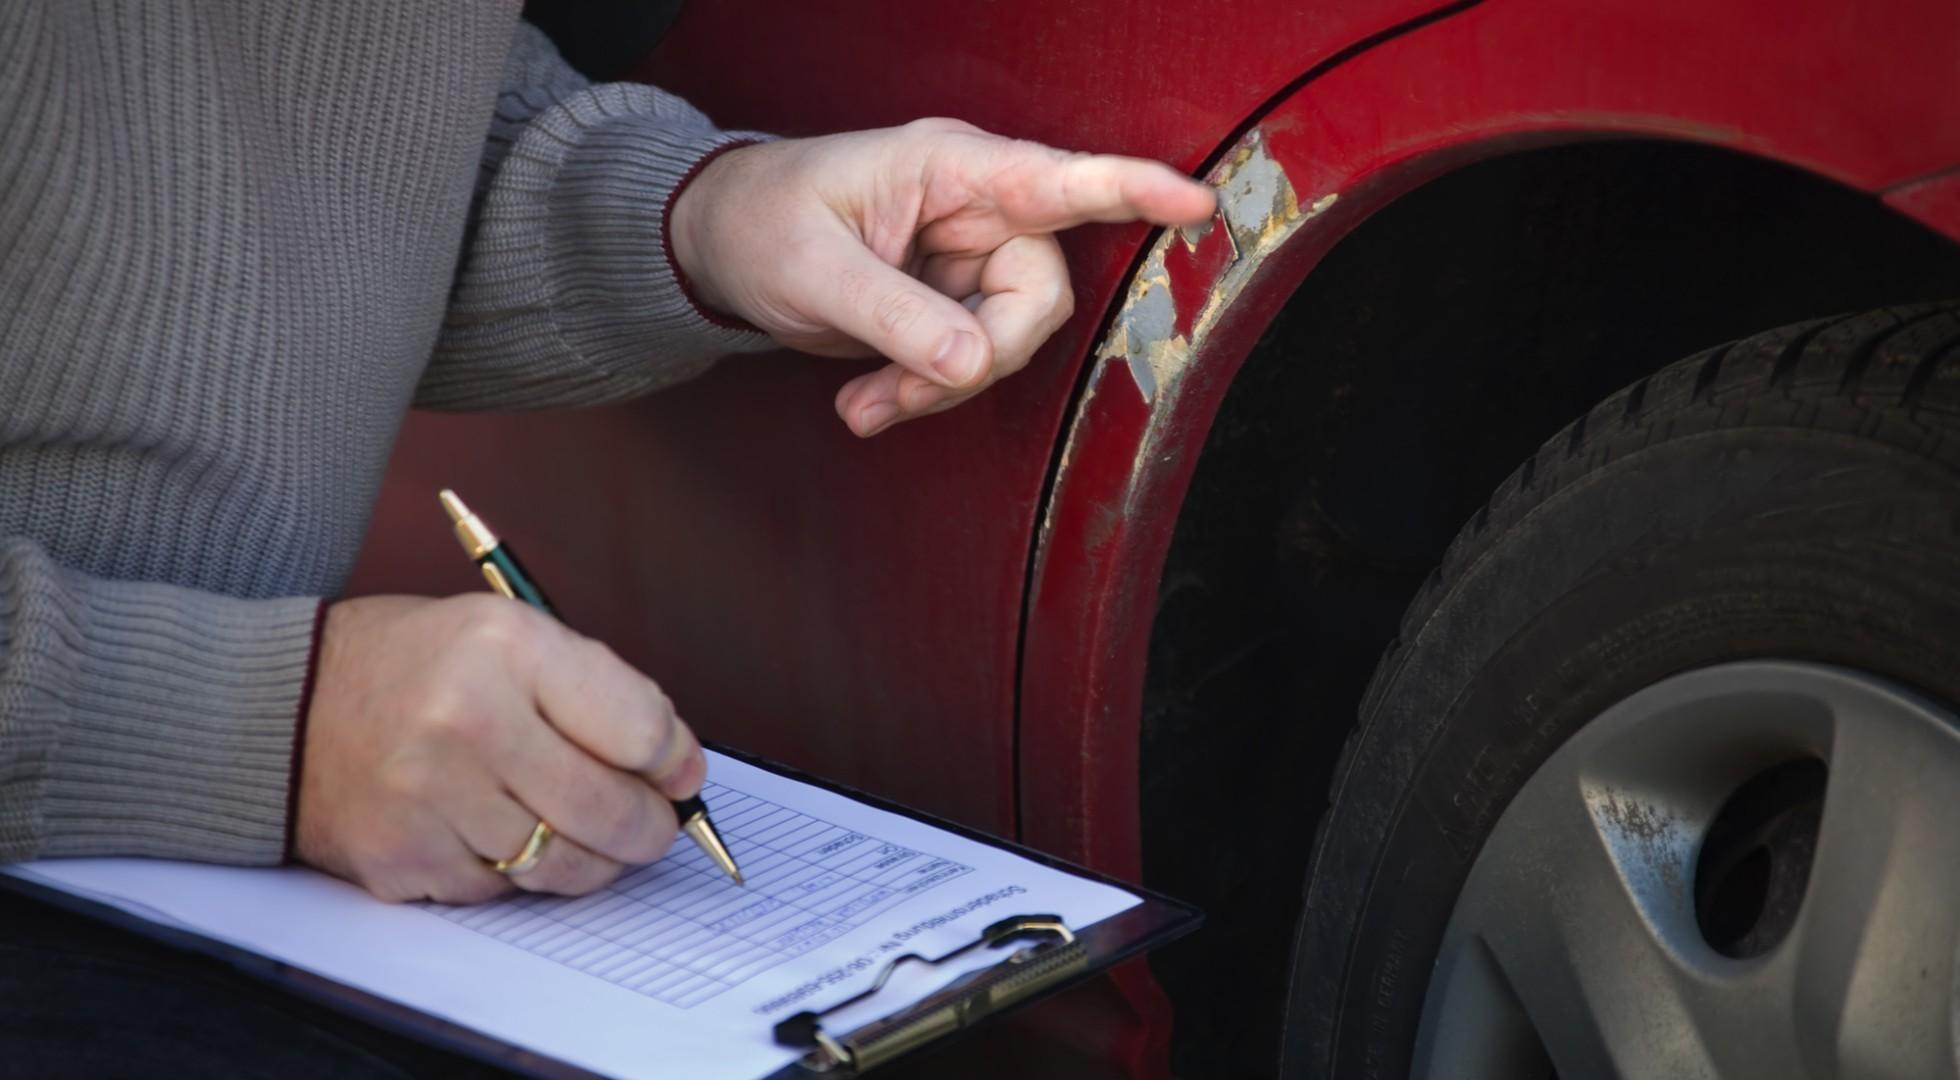 автоюристы одинцовский район по страховым компаниям нежелании